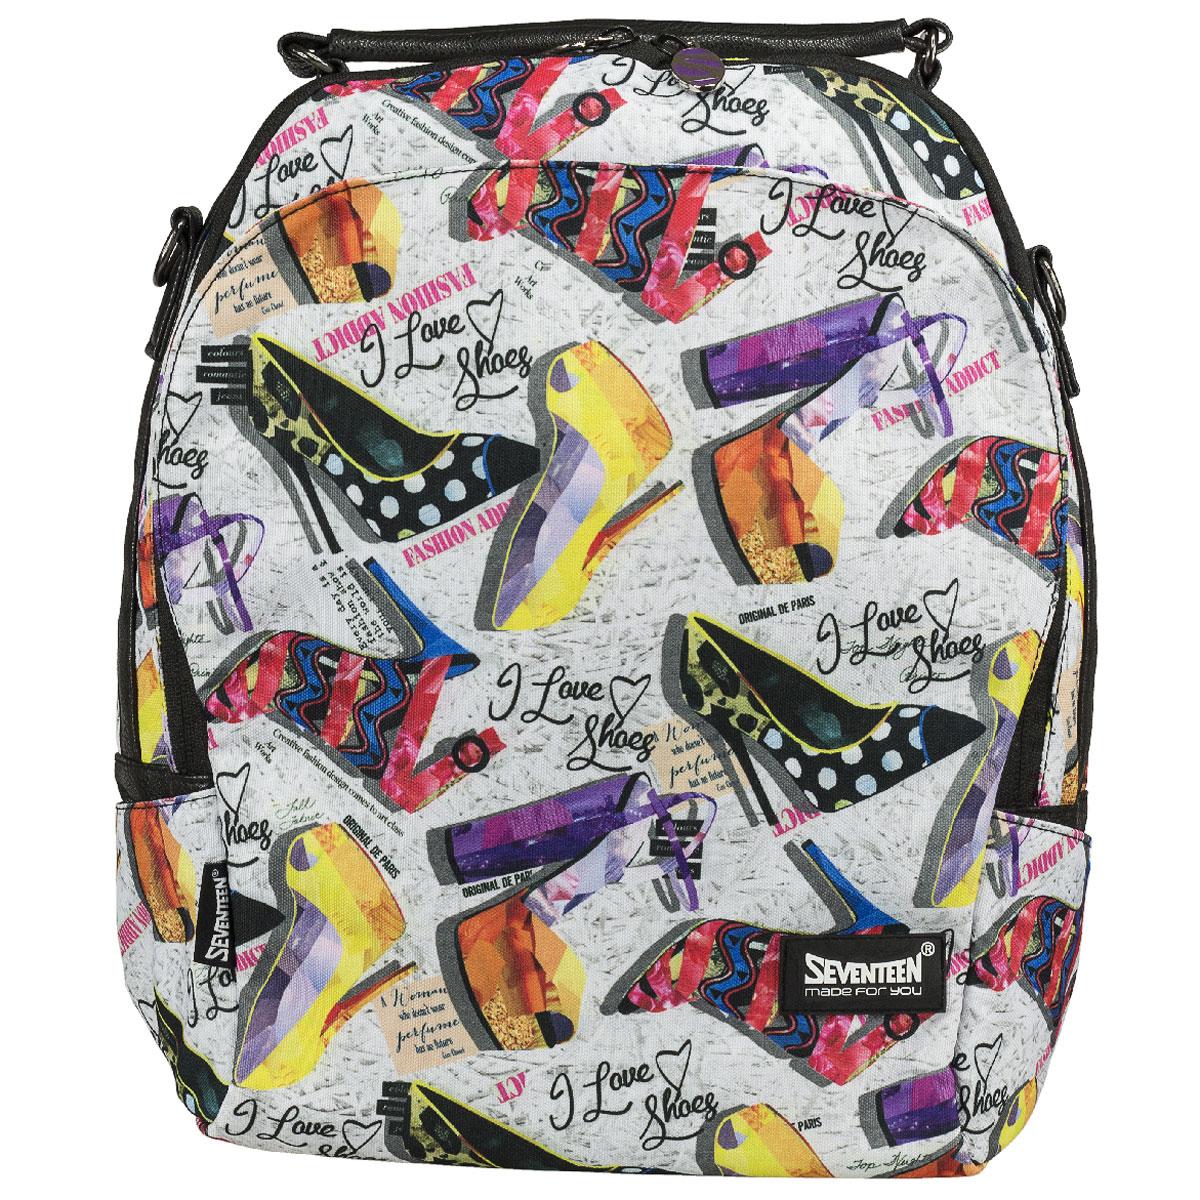 Сумка-рюкзак молодежная Seventeen, цвет: черный, мультицвет. SVCB-RT3-596SVCB-RT3-596Молодежная сумка-рюкзак Seventeen выполнена из высококачественных материалов и оформлена красочным принтом.Модель содержит одно вместительное отделение на застежке-молнии с двумя бегунками. Внутри отделения находятся прорезной карман на молнии и два открытых кармашка. Фронтальный карман с клапаном на магнитах. Задняя стенка сумки-рюкзака оснащена прорезным карманом на молнии. По бокам изделия находятся открытые карманы. Сумка оснащена удобной ручкой для переноски в руке, а также плечевым ремнем, с помощью которого сумку-рюкзак можно носить на плече и как рюкзак.Такую сумку-рюкзак можно использовать для повседневных прогулок, отдыха и спорта, а также как элемент вашего имиджа.Рекомендуемый возраст: от 12 лет.